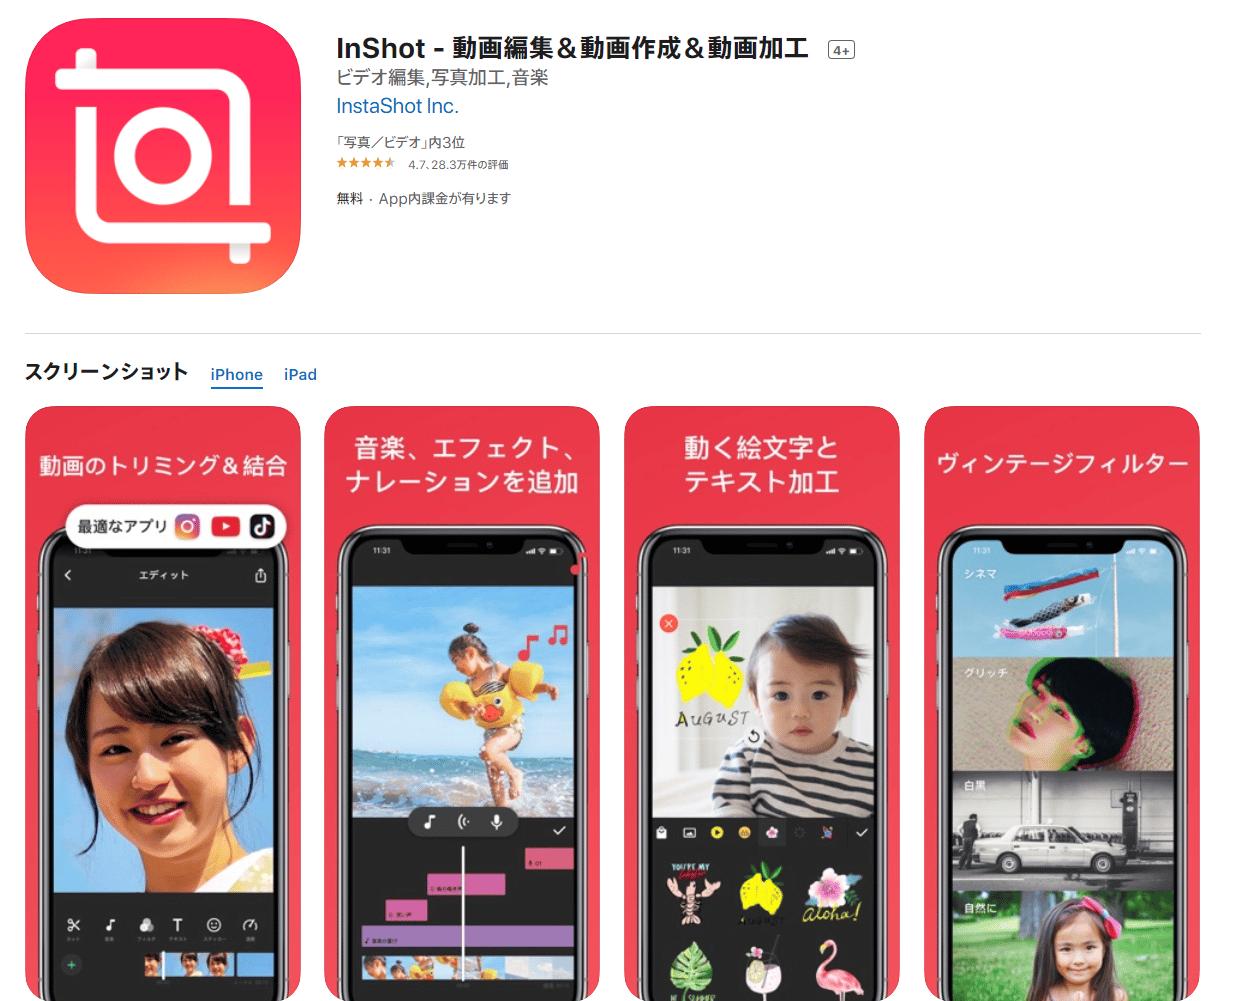 おすすめの動画編集アプリ⑤:InShot